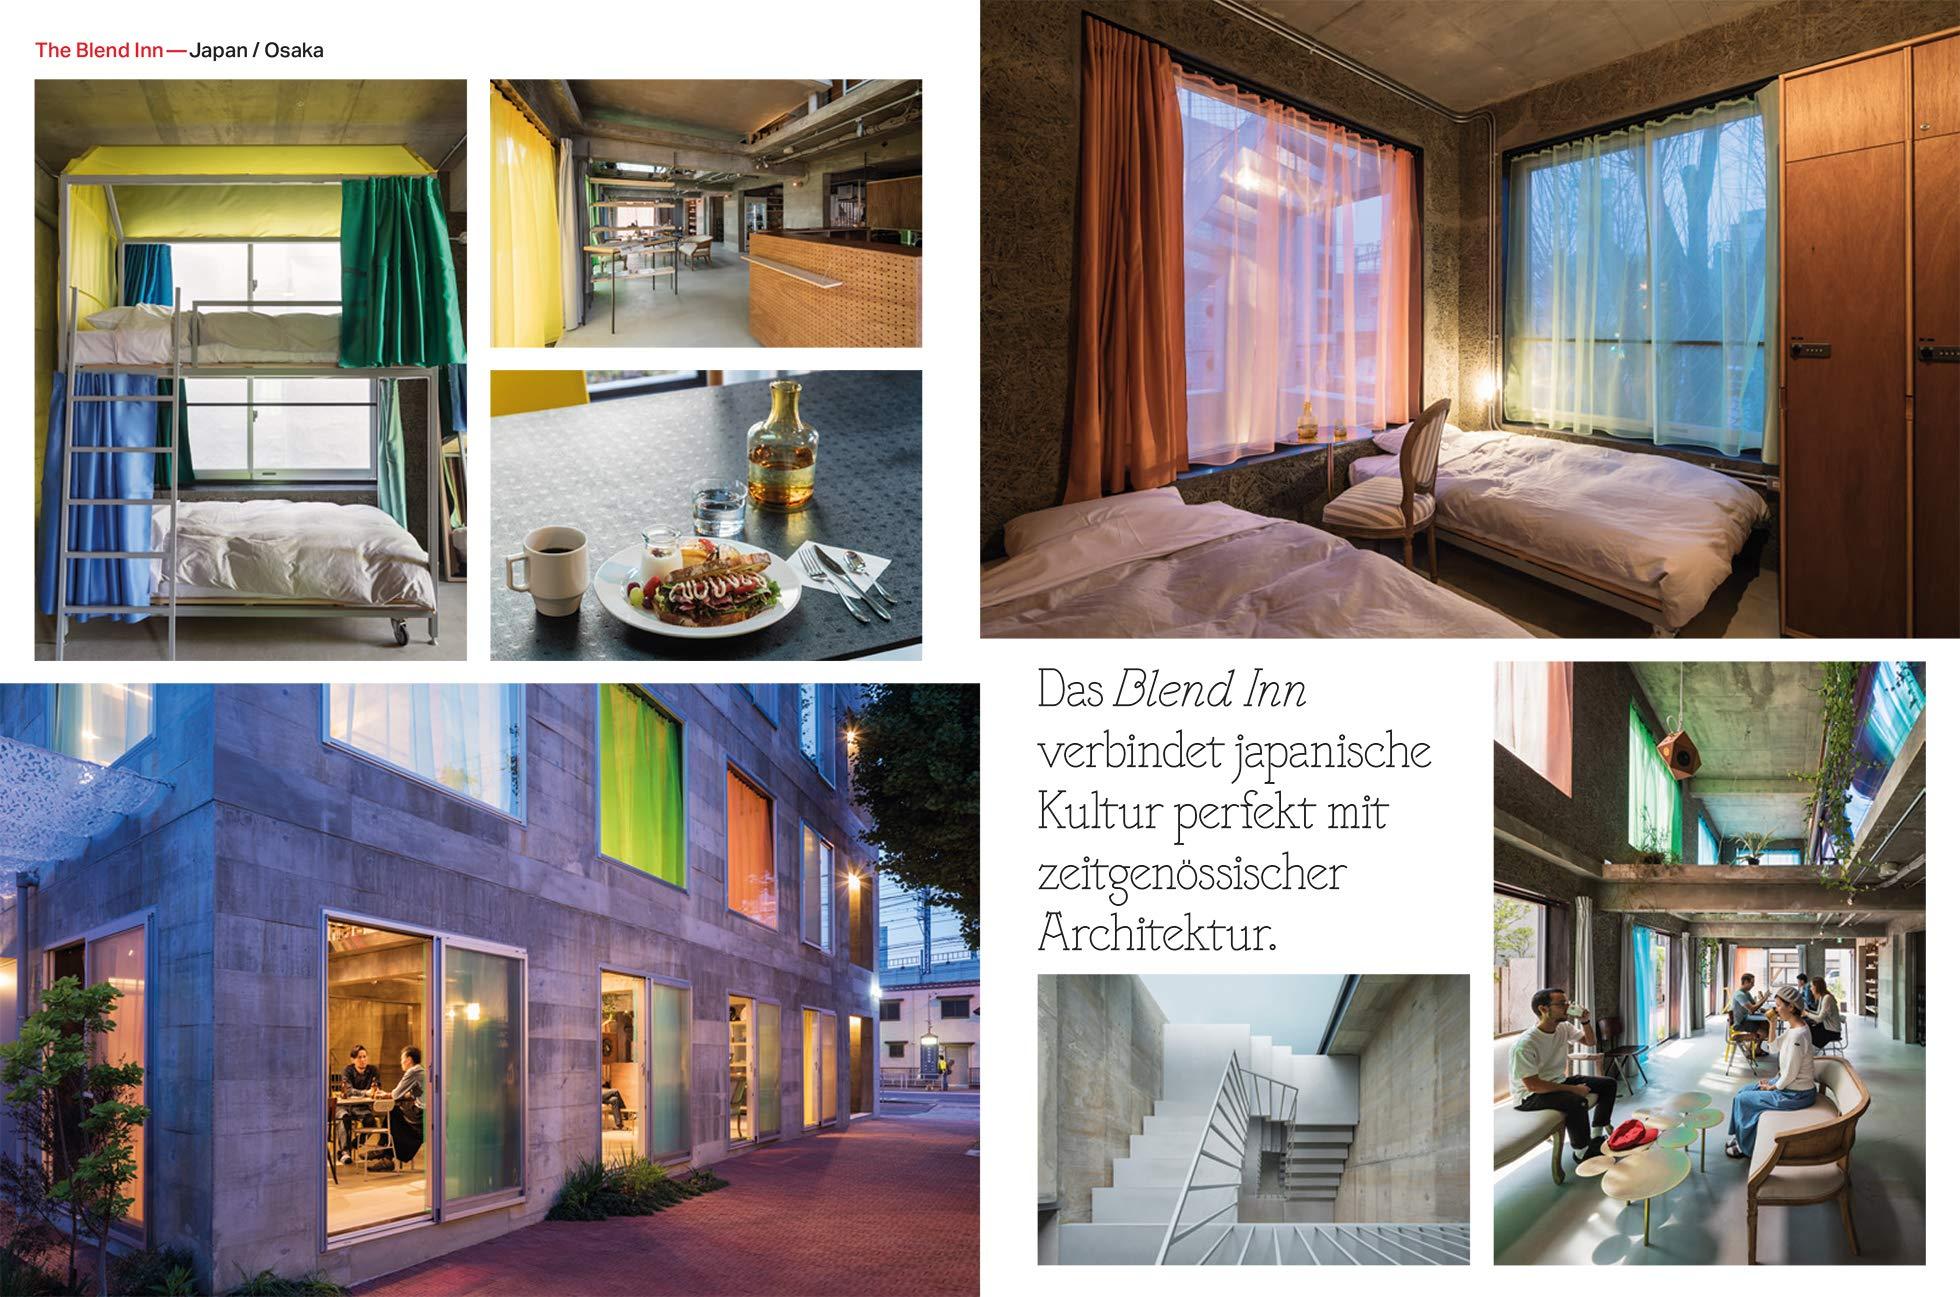 The Grand Hostels Die Schicksten Design Hostels Der Welt Amazonde